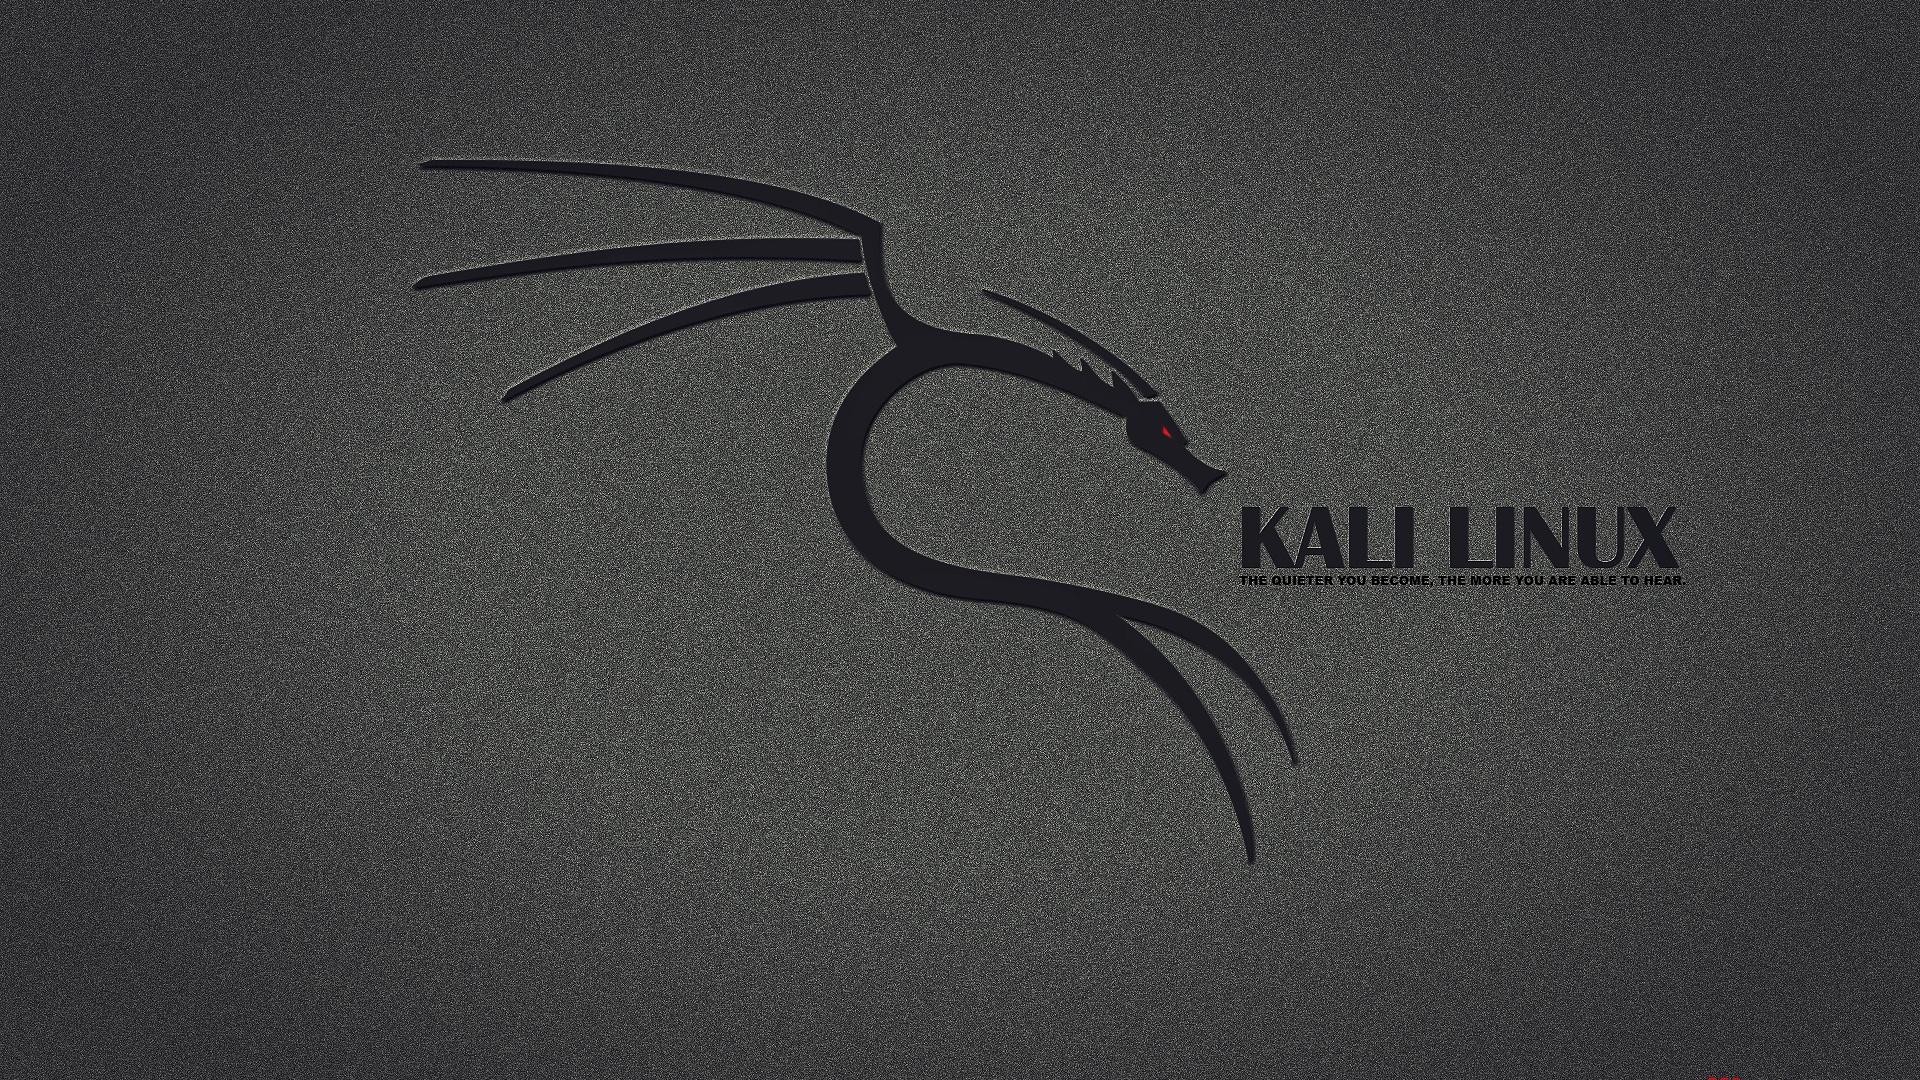 1920x1080 Kali Linux desktop PC and Mac wallpaper 1920x1080